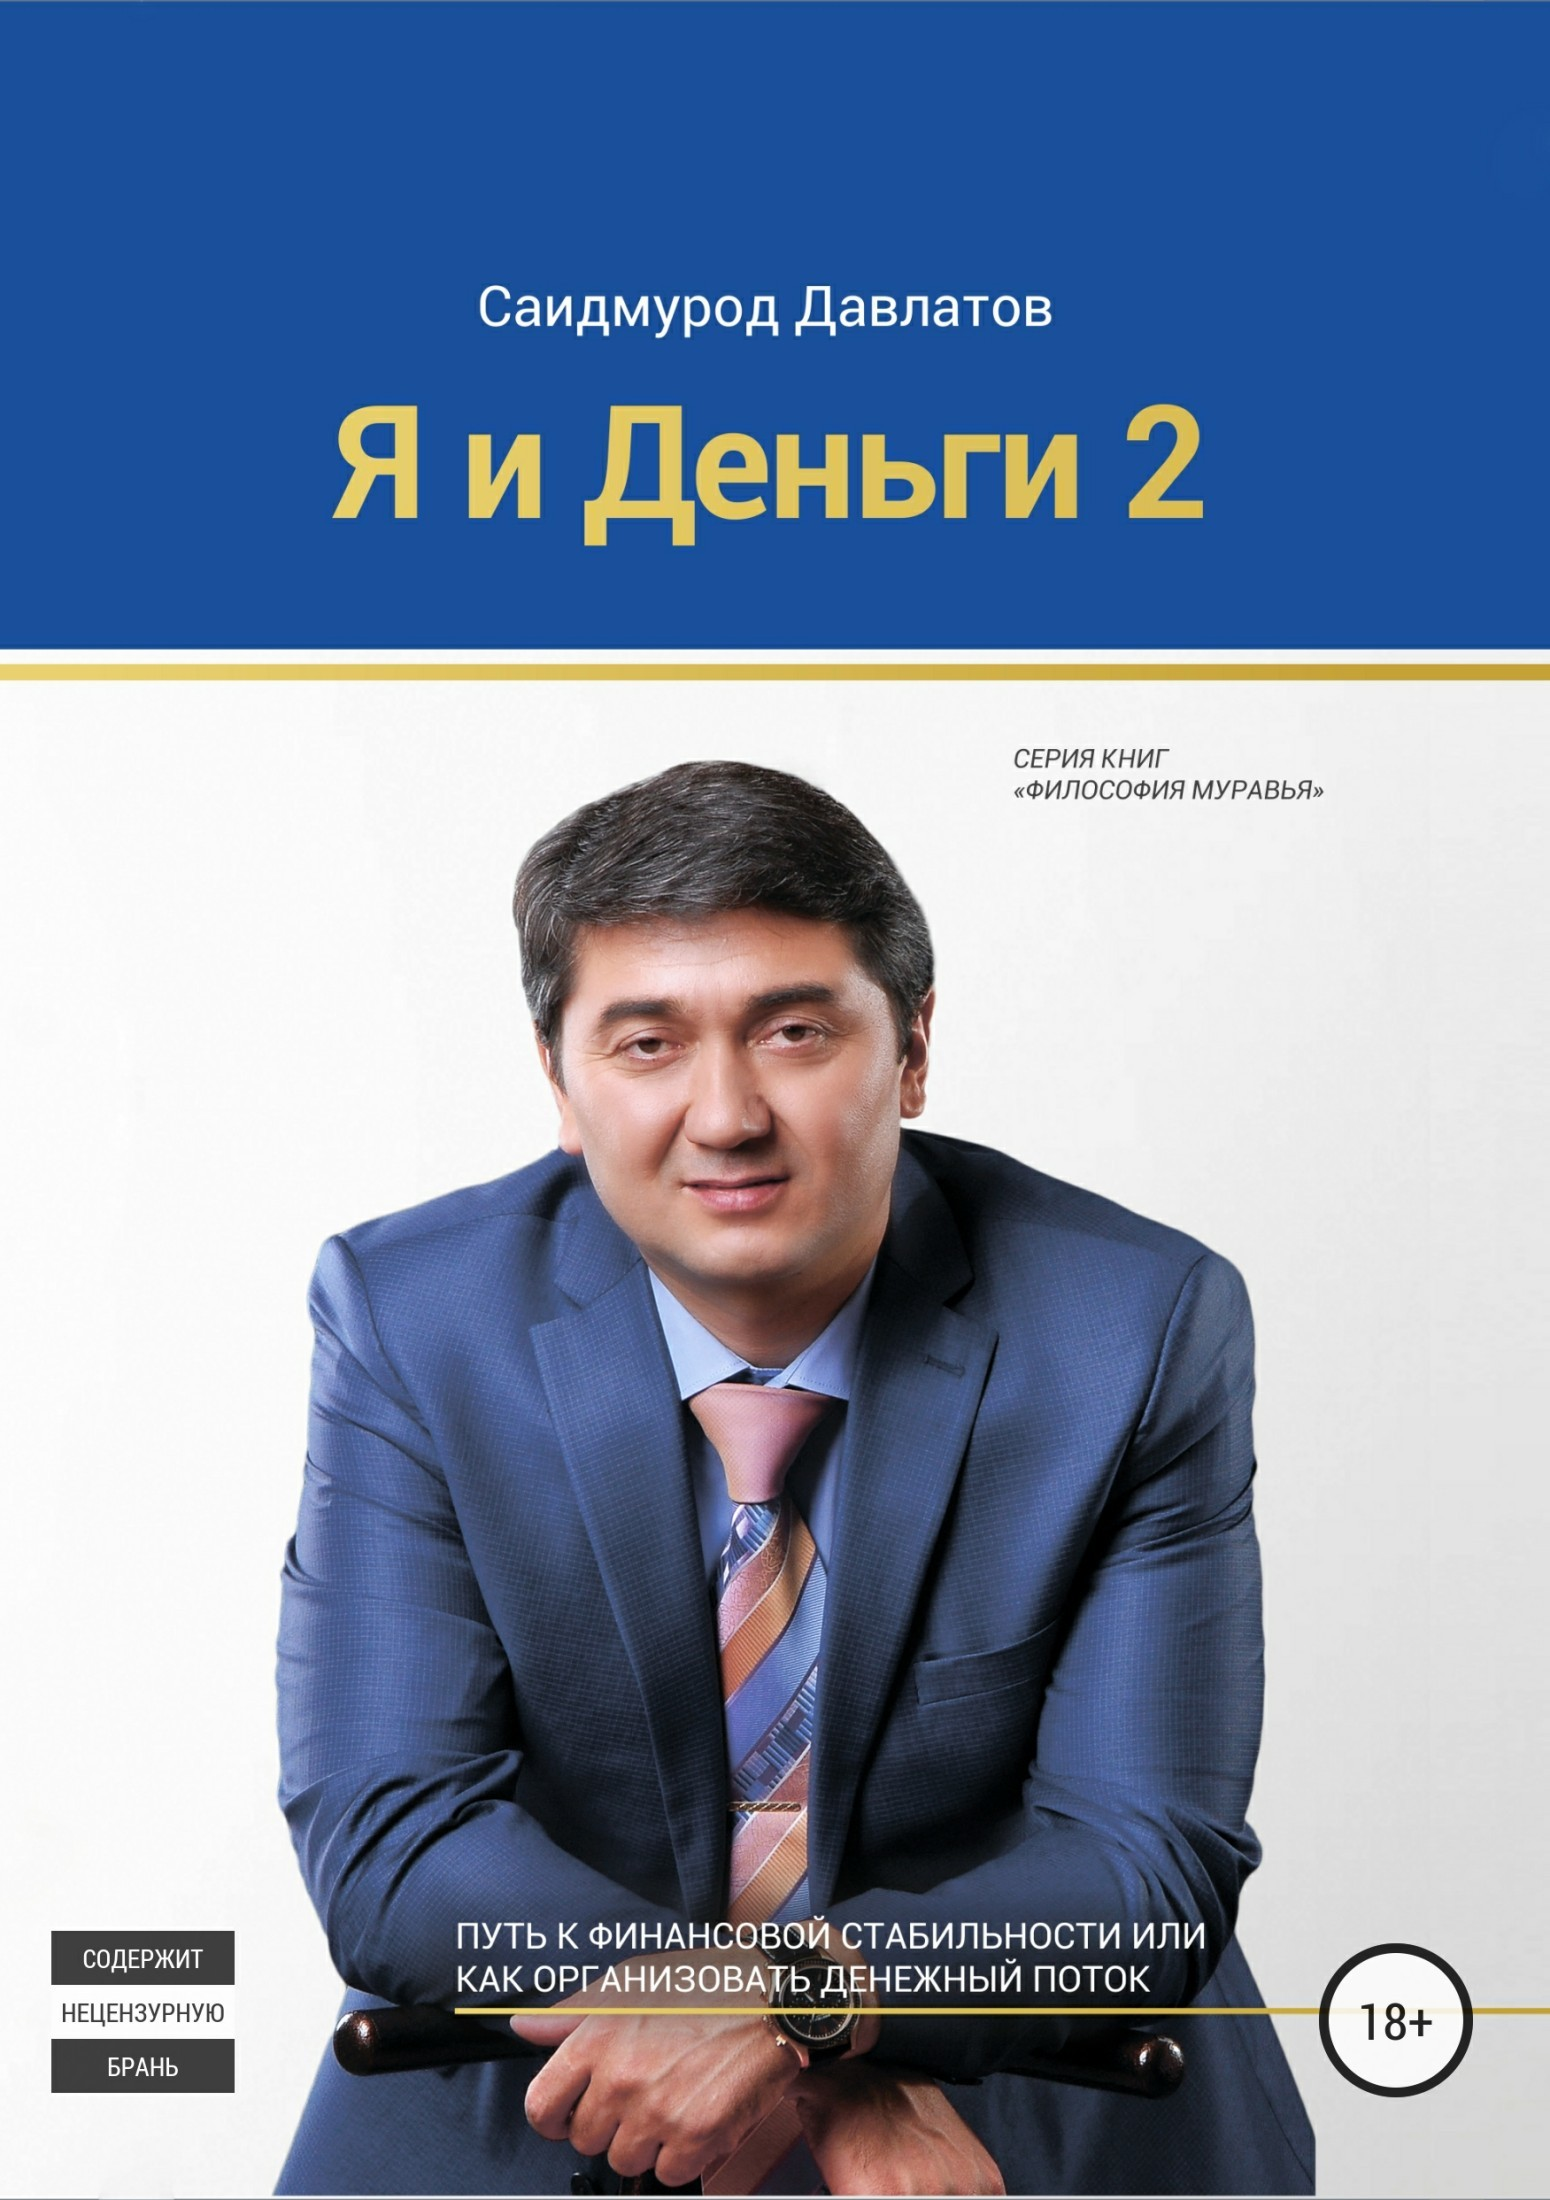 Саидмурод Раджабович Давлатов. Я и деньги 2